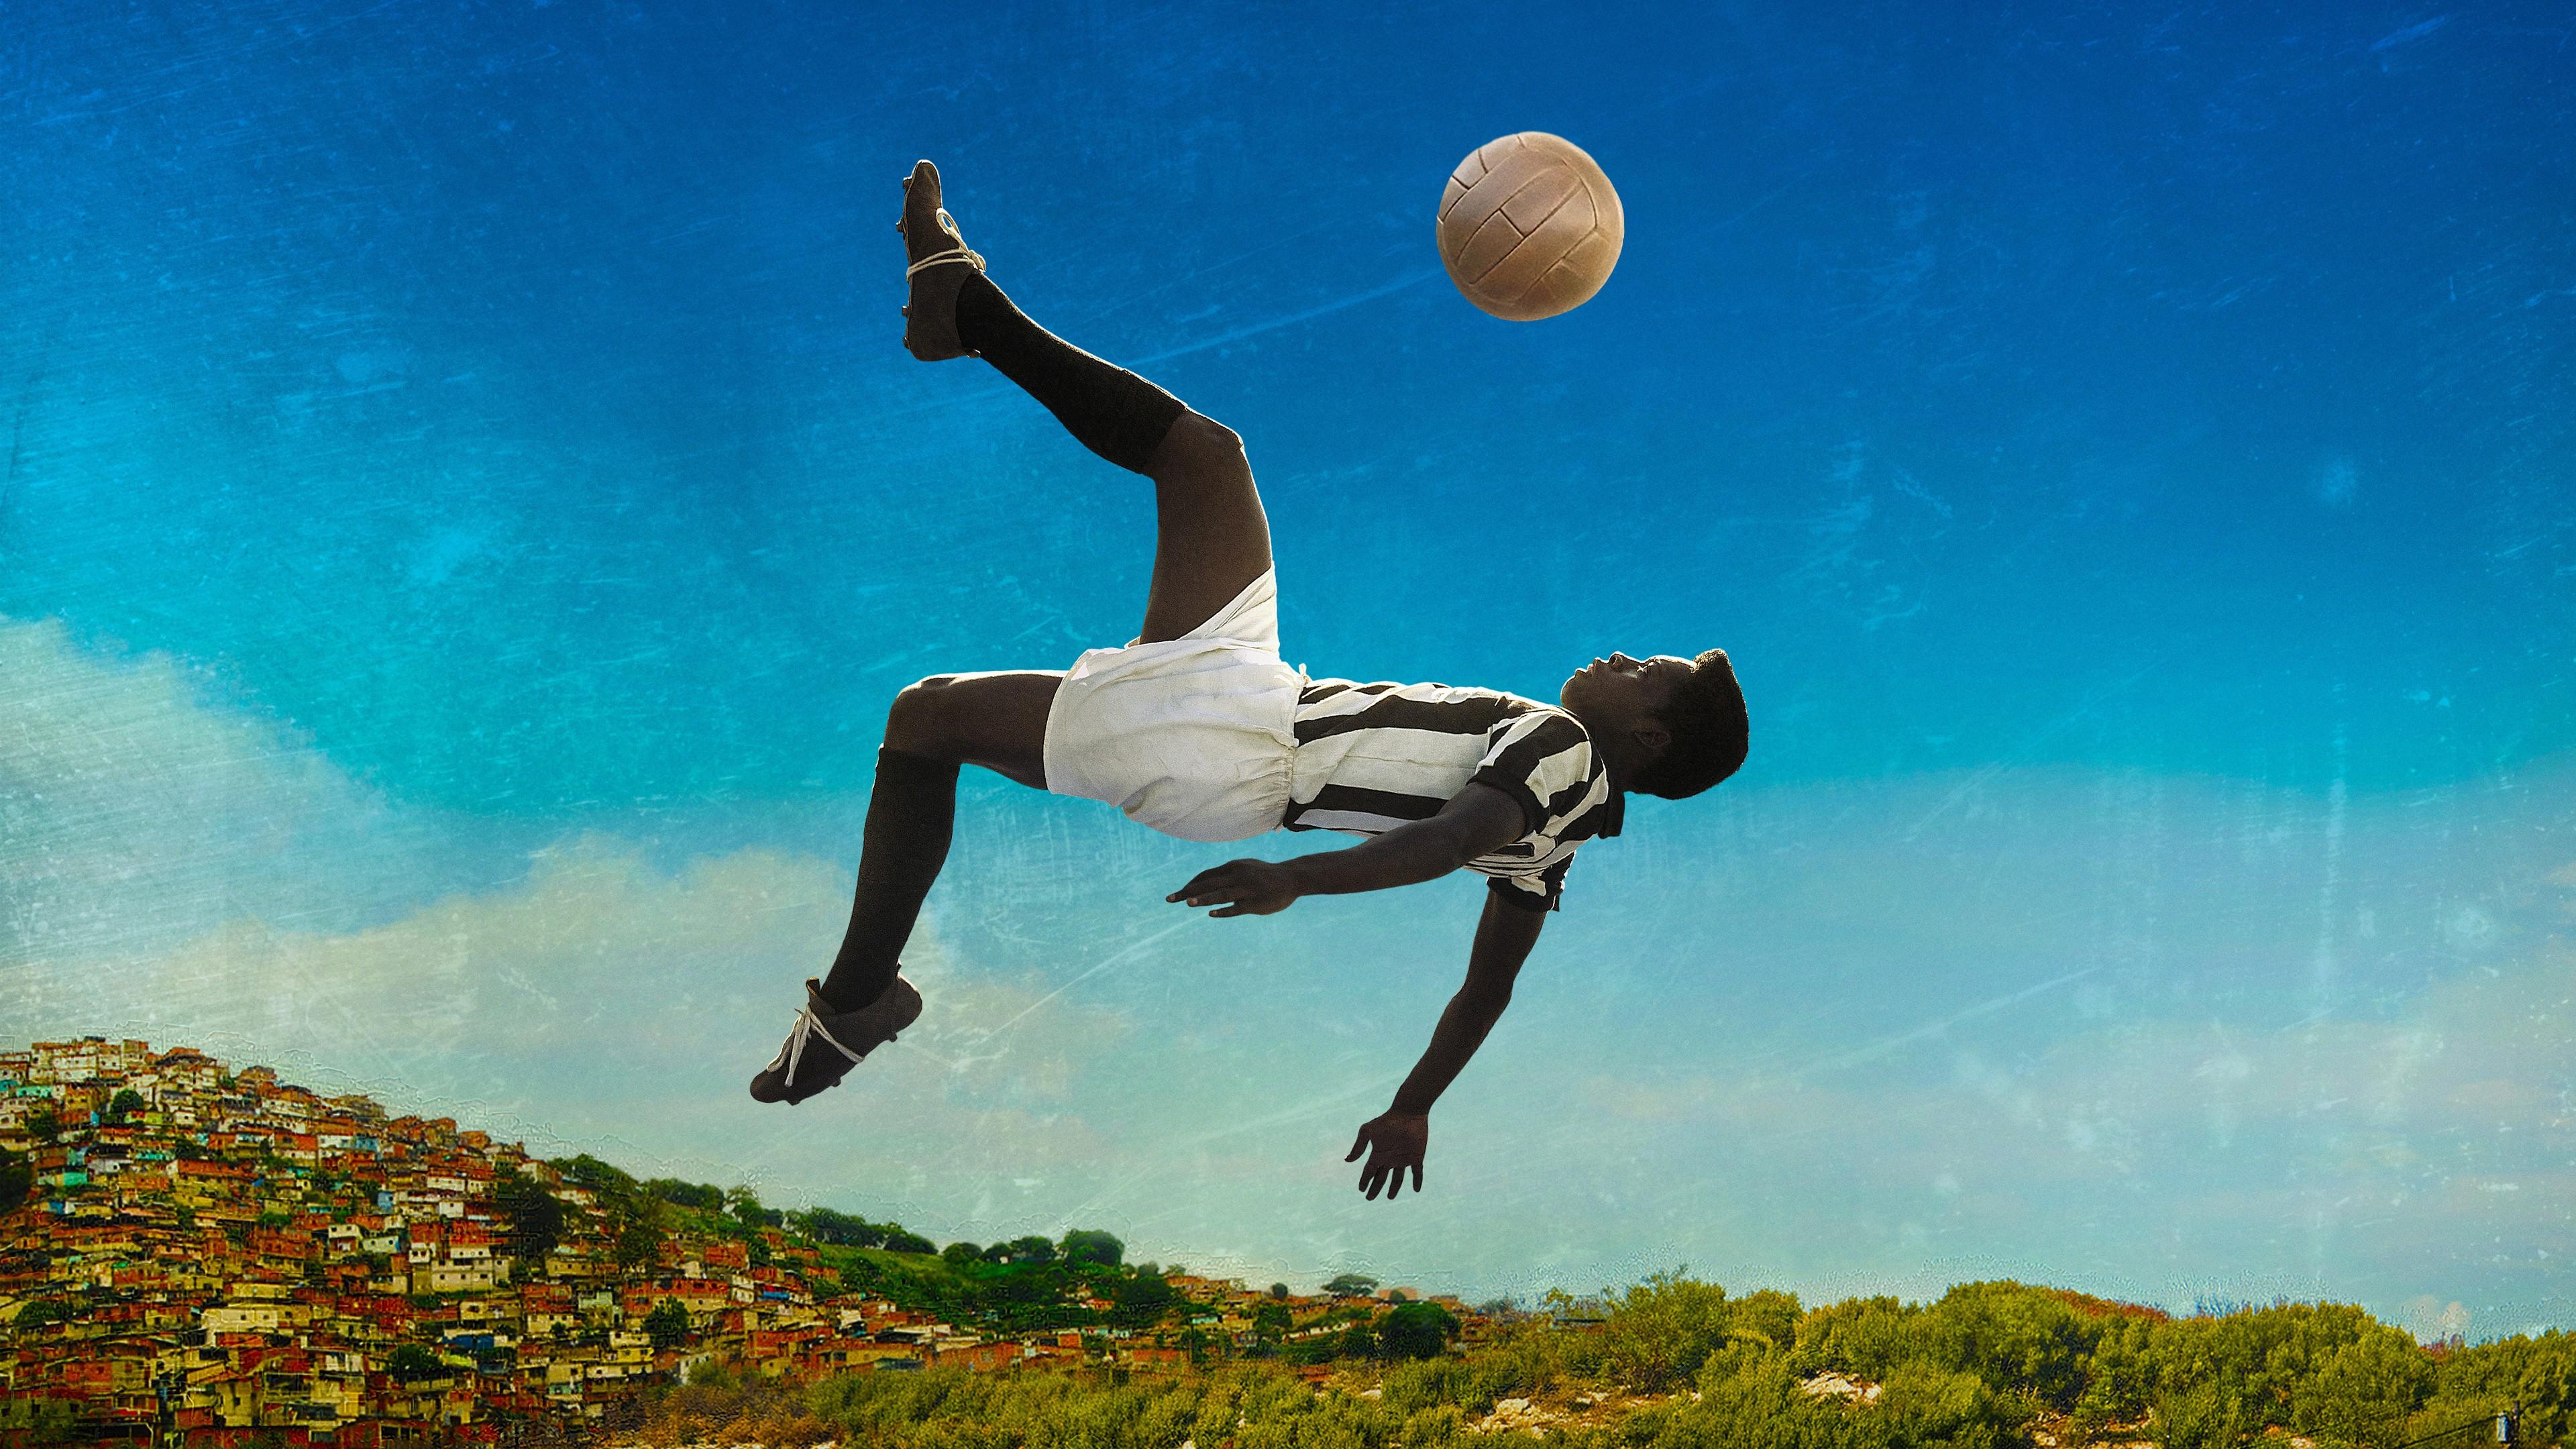 Фильмы про футбол: «Играй, как Бекхэм», «Хулиганы» и другие